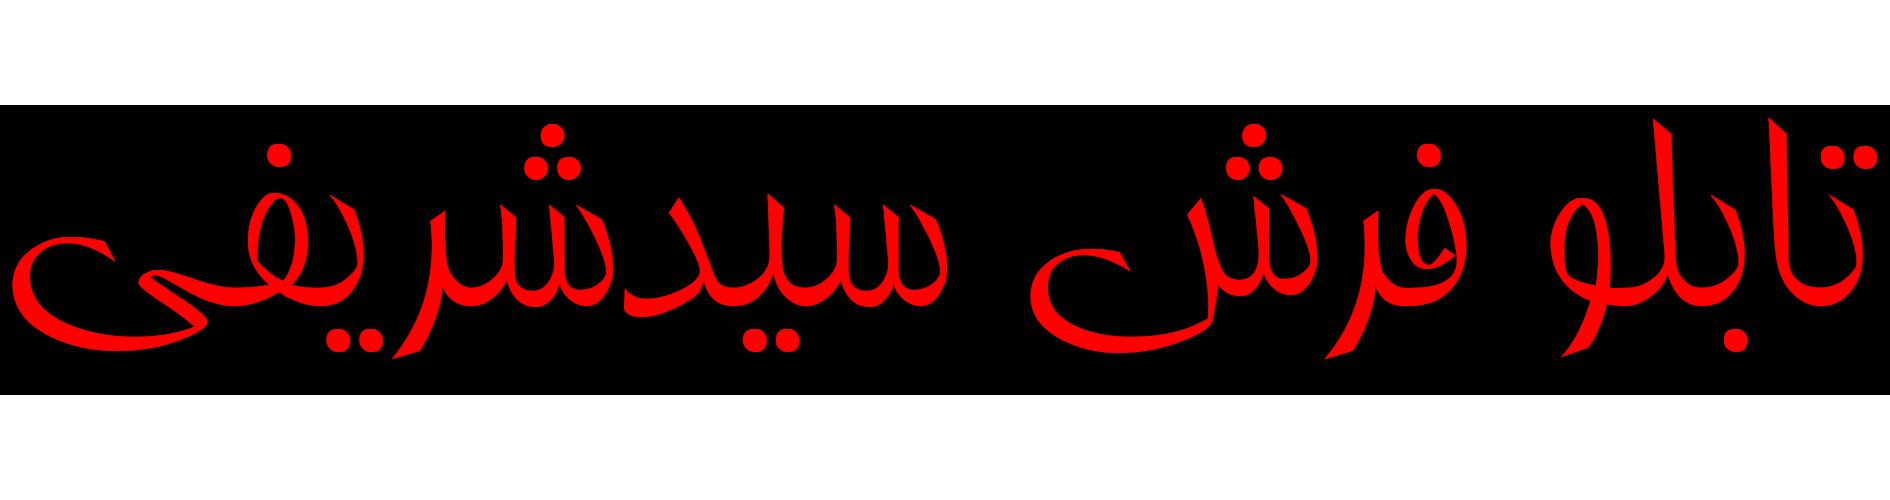 تابلو فرش سیدشریفی